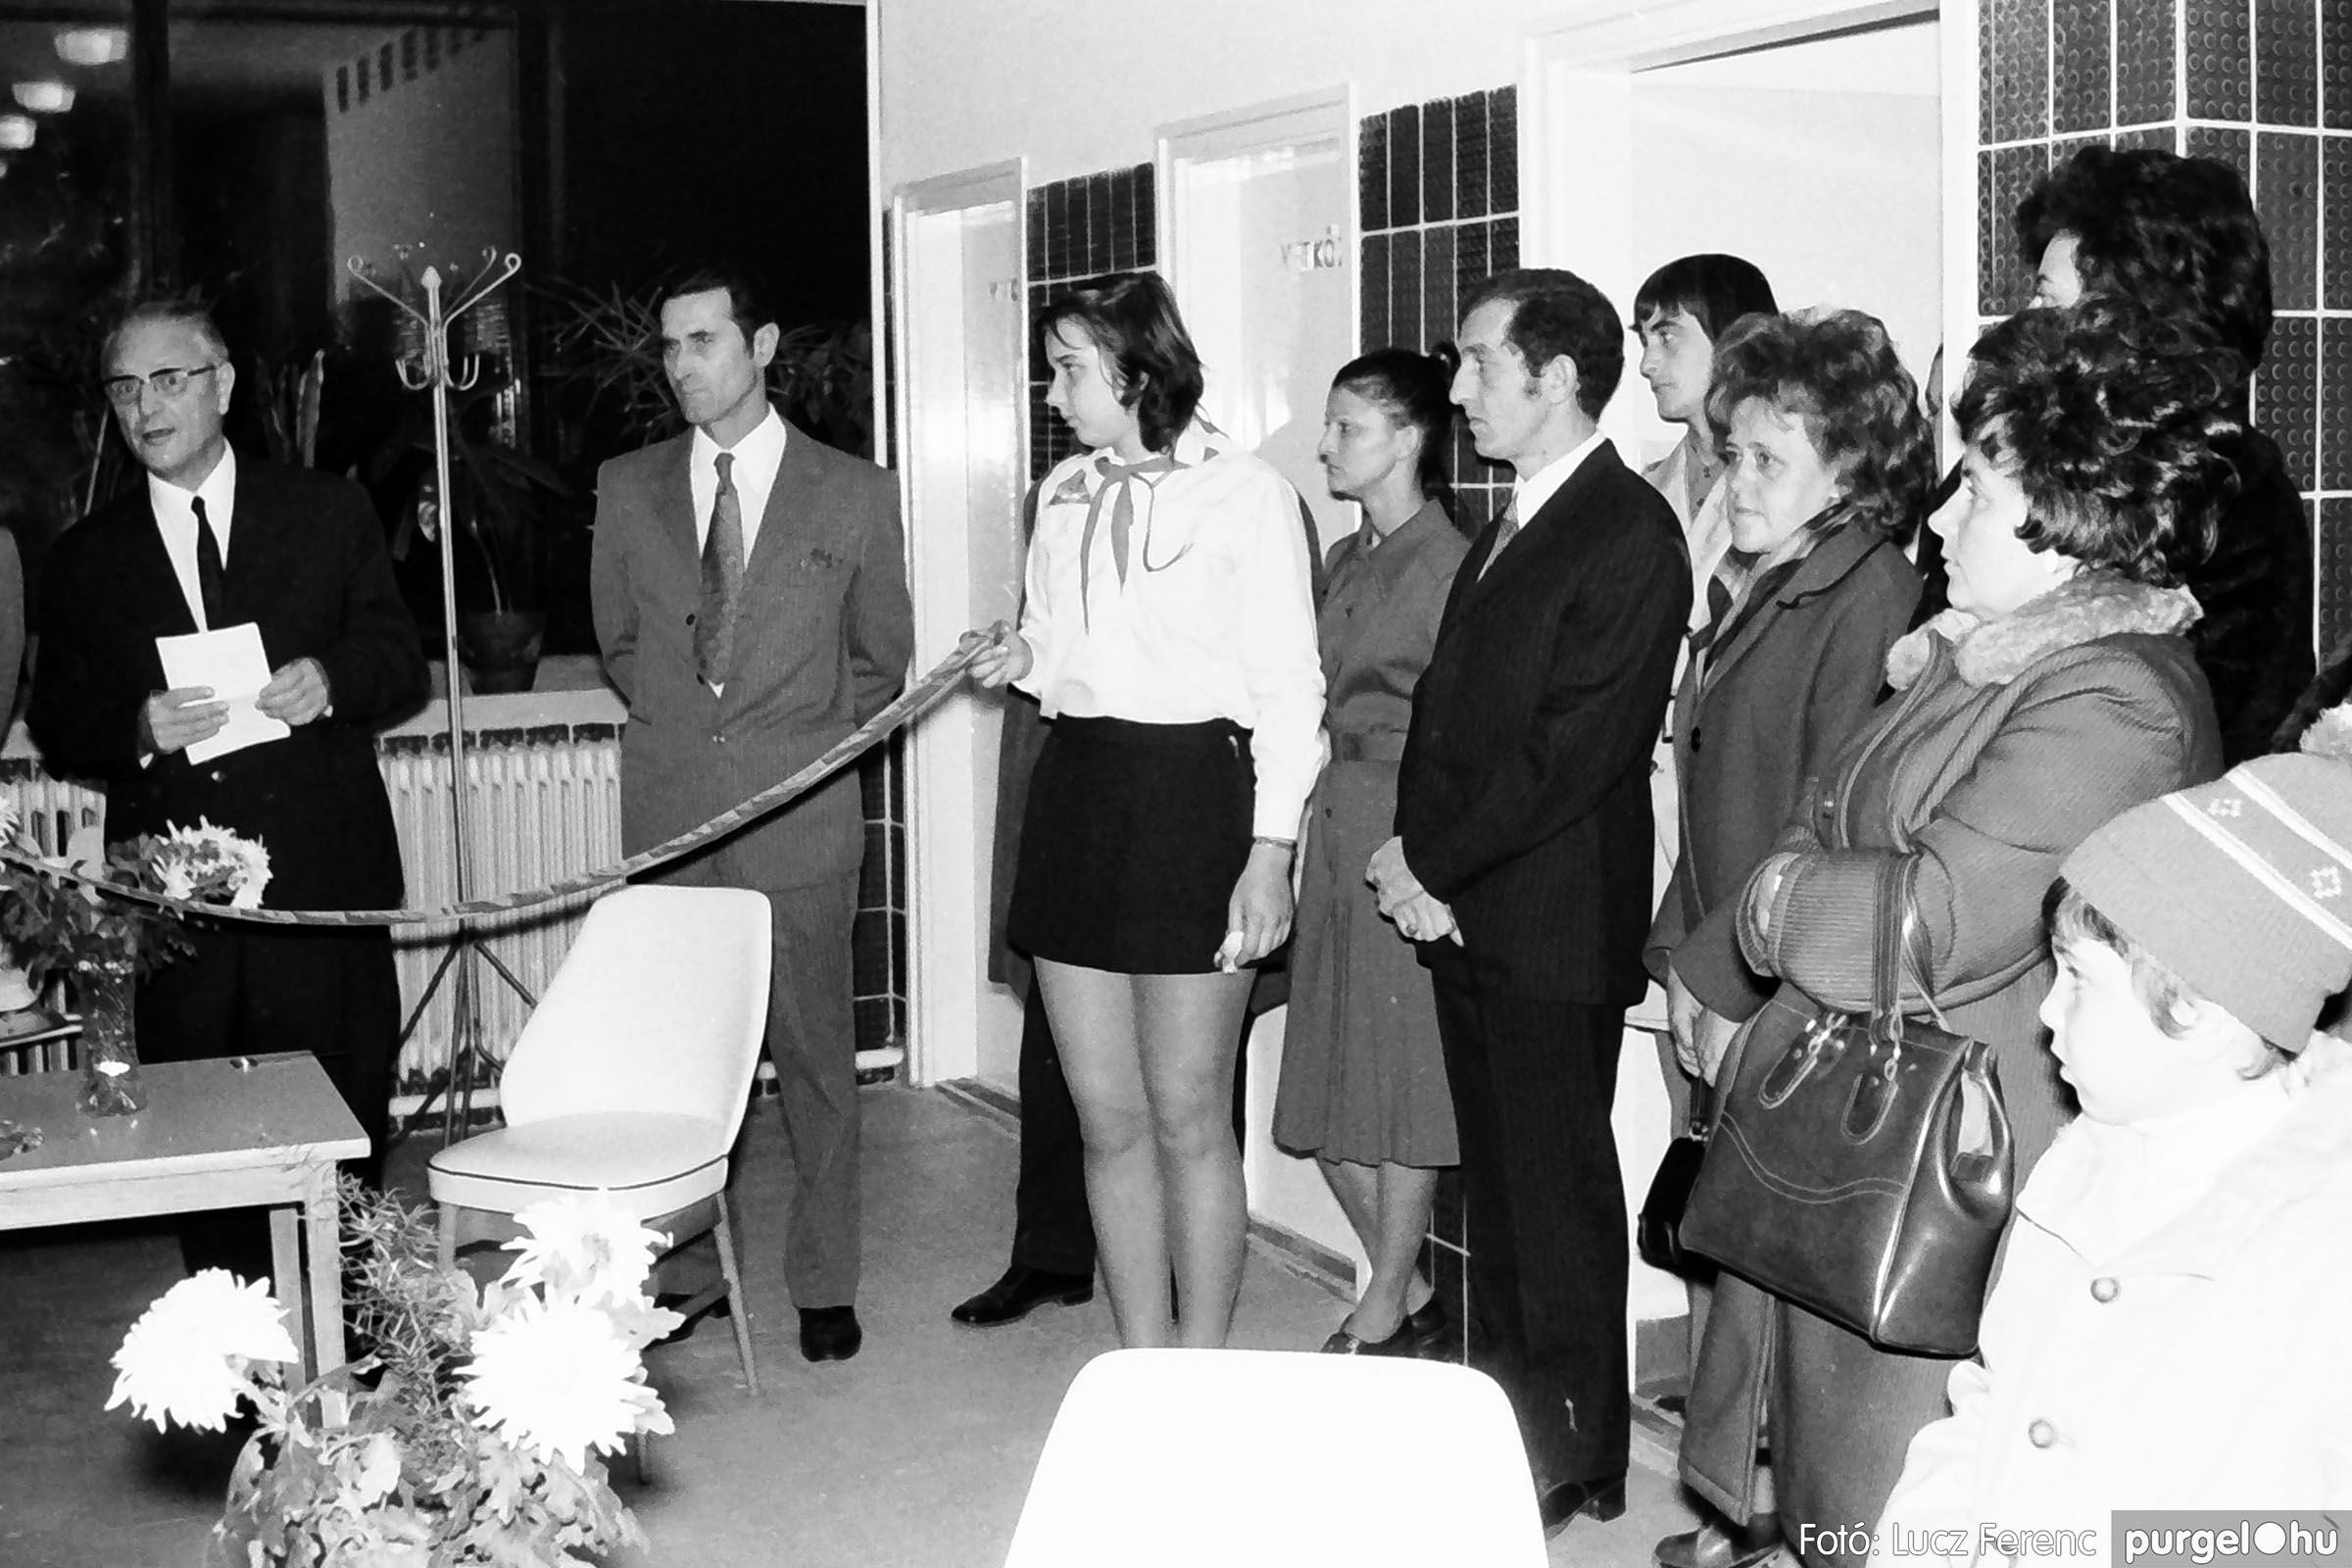 002 1970-es évek - Orvosi rendelő épületének átadása 007 - Fotó: Lucz Ferenc - IMG01105q.jpg